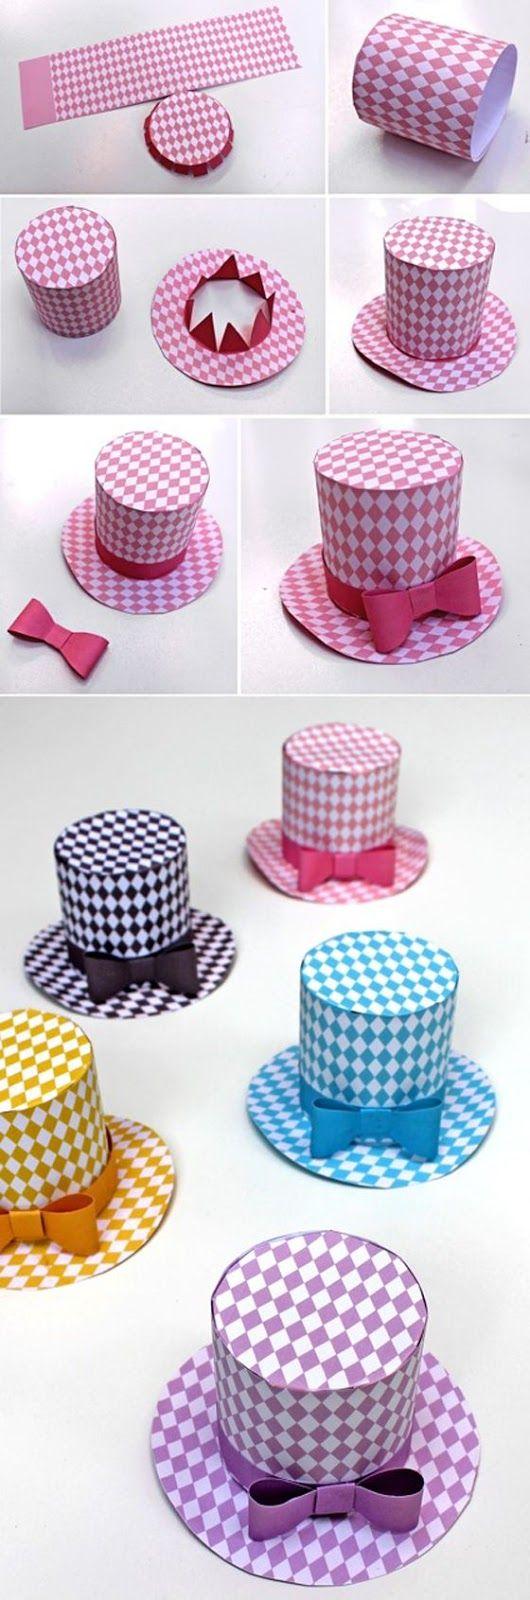 Tutoriales y DIYs  Sombreros de papel  af8e464285d